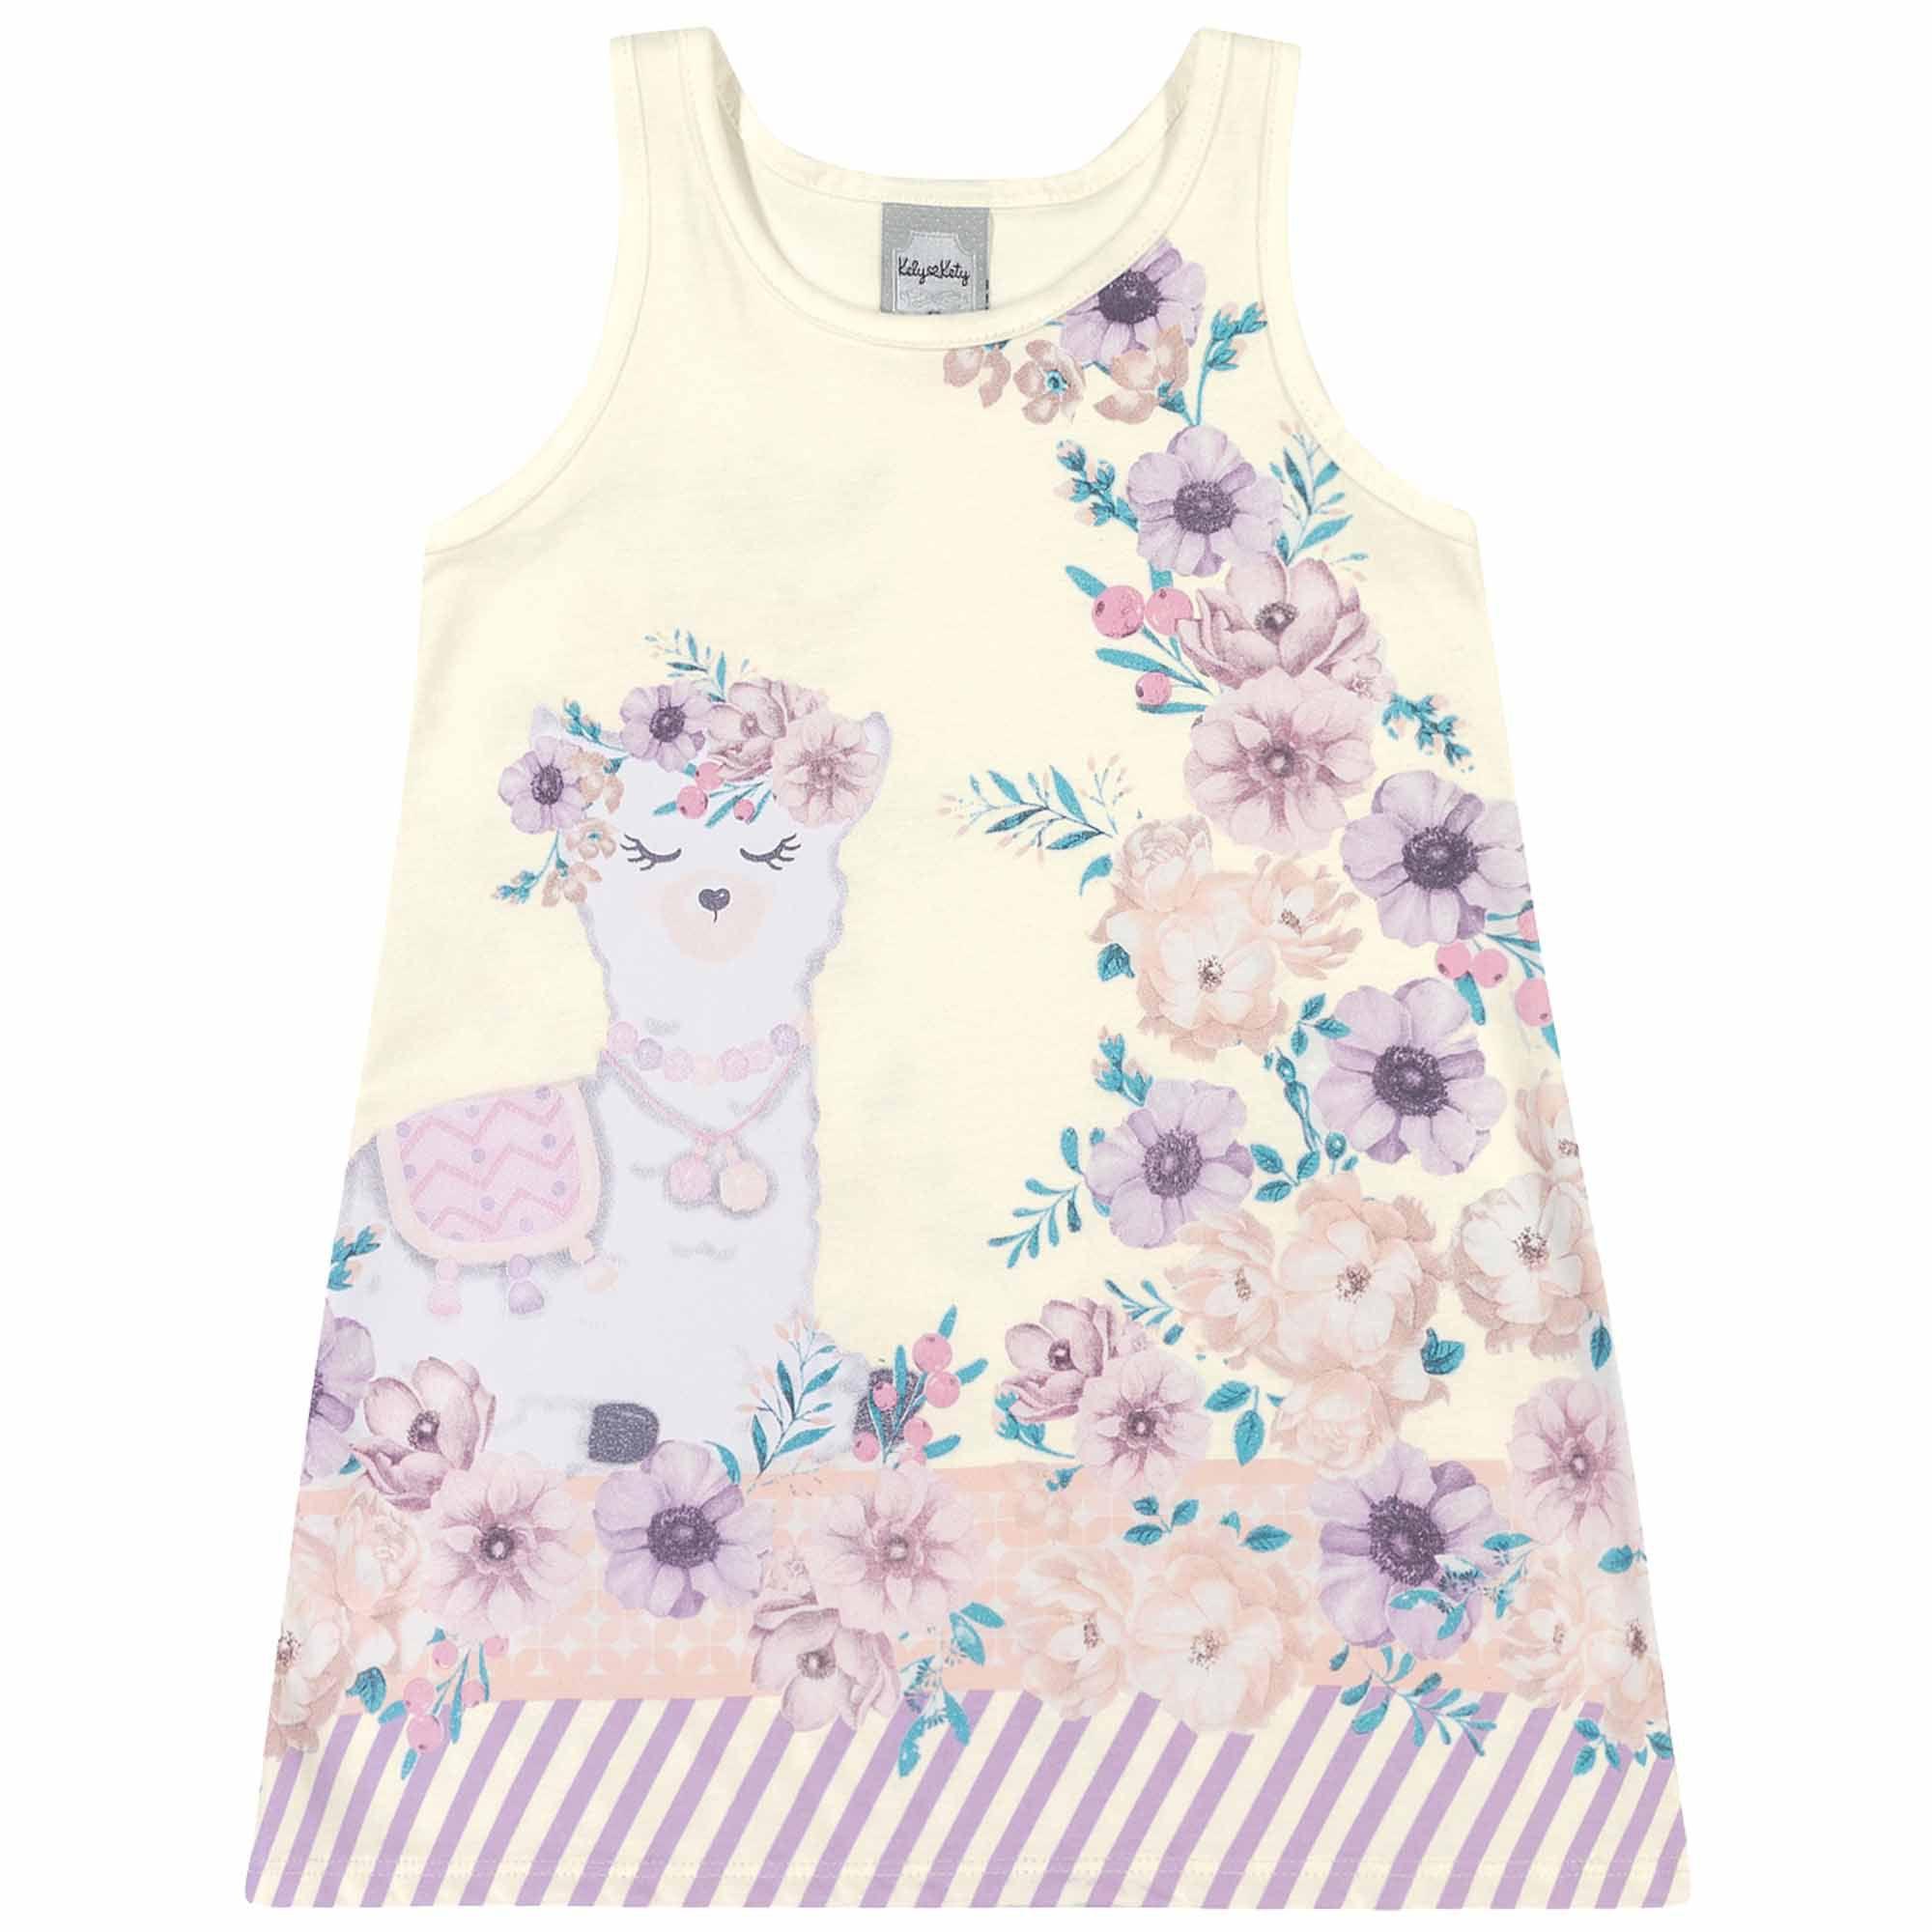 Vestido Verão Romitex Kely Kety Lhama Flores - 1 ao 3